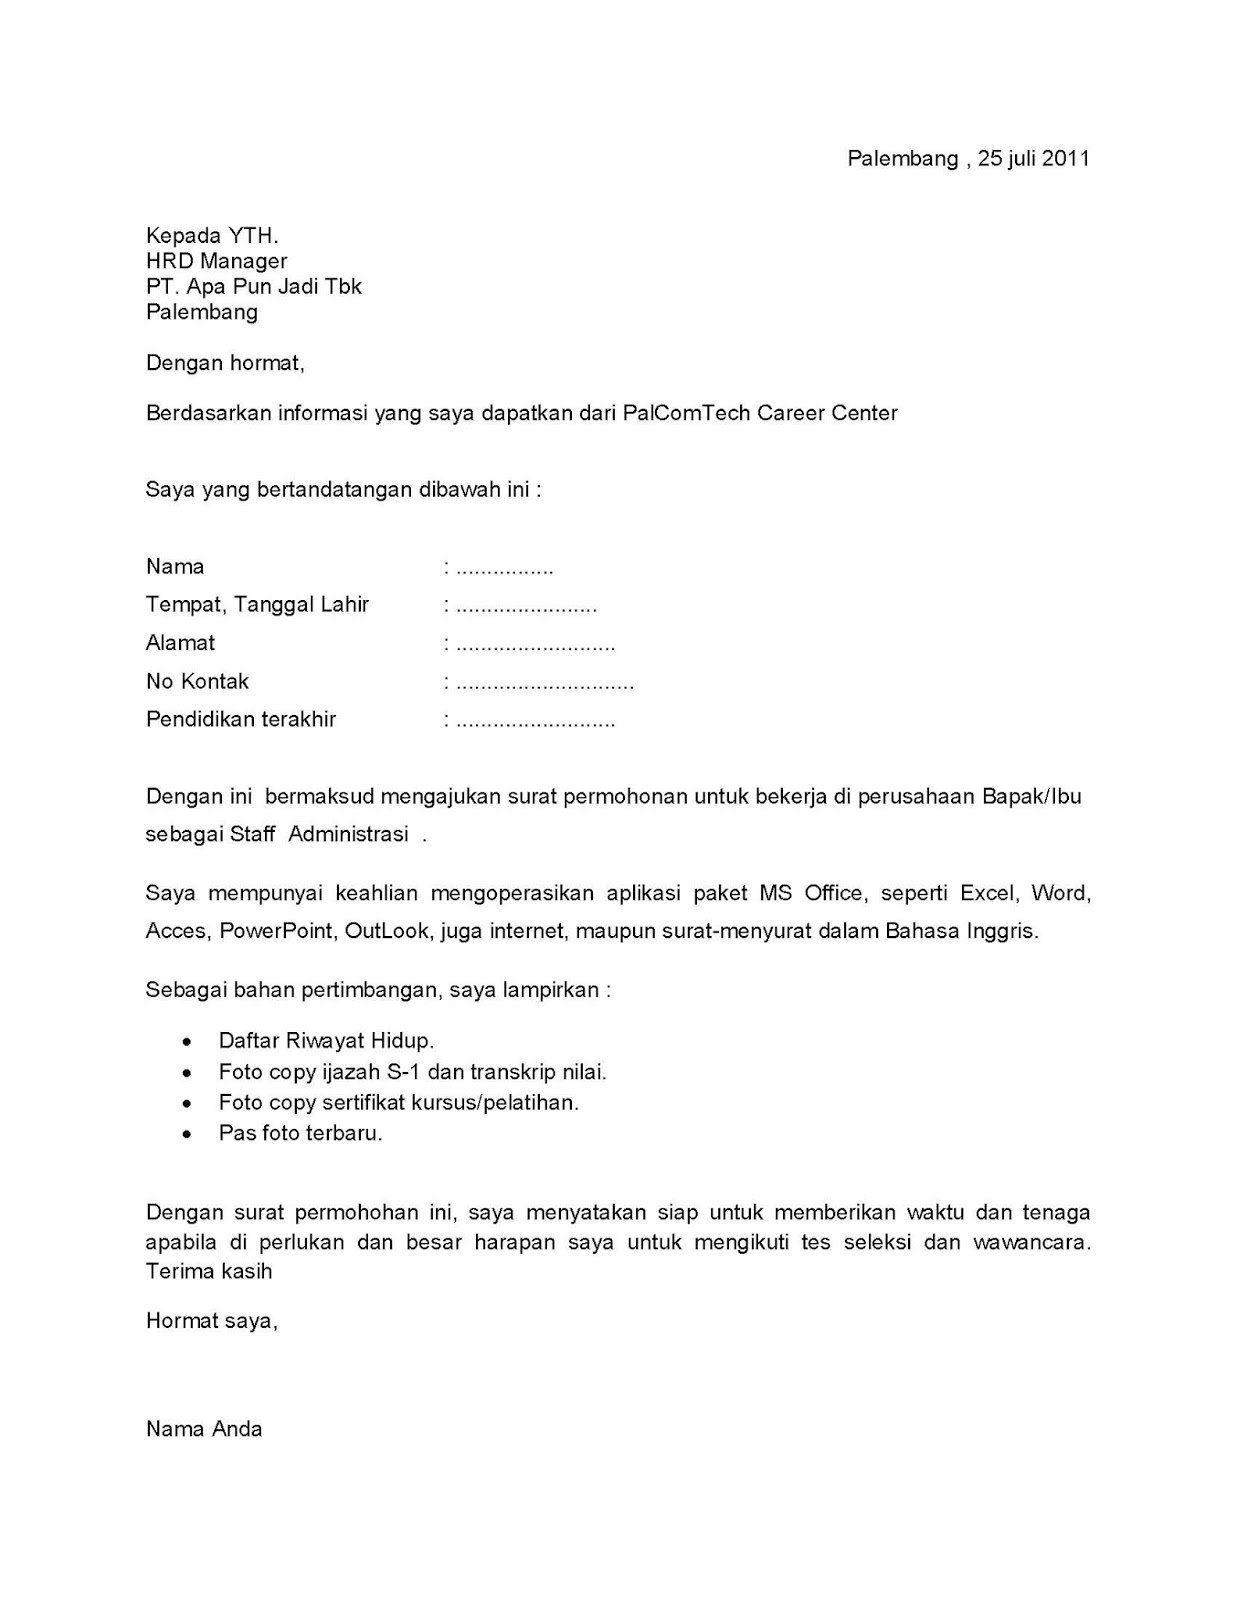 Contoh Surat Lamaran Pekerjaan Di Perusahaan Dilan 1990